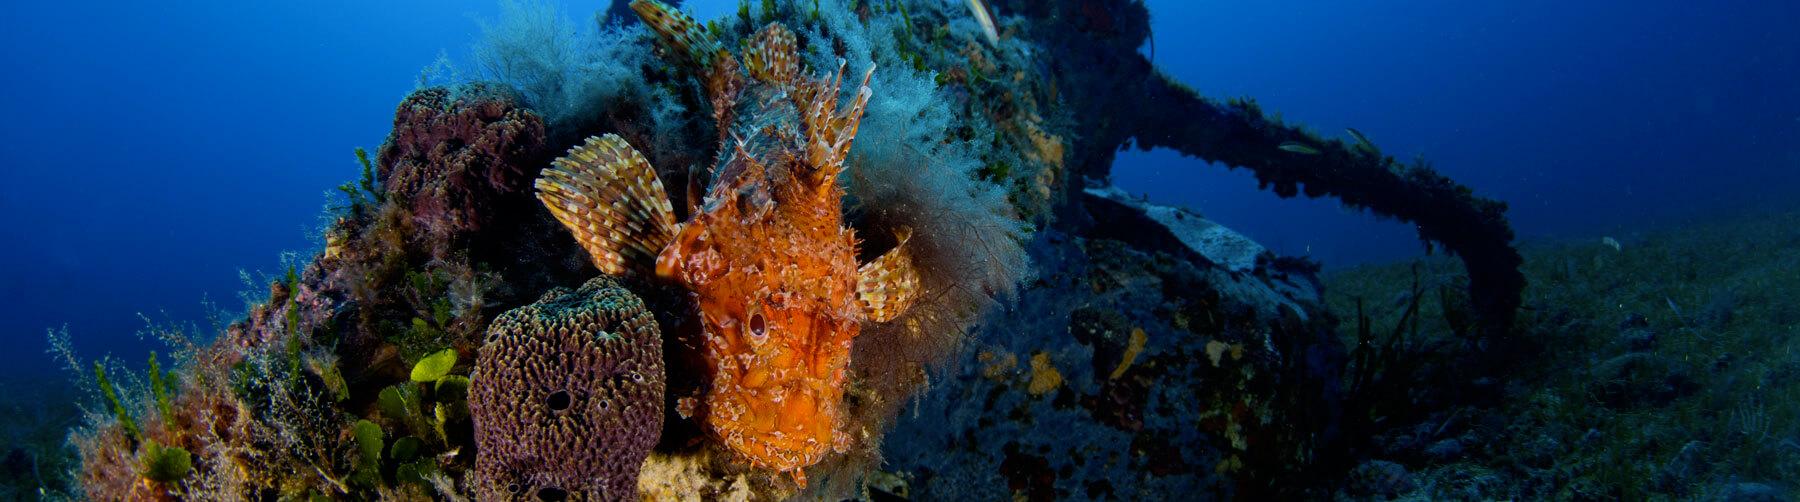 Motore Spagi island Sardinia diving